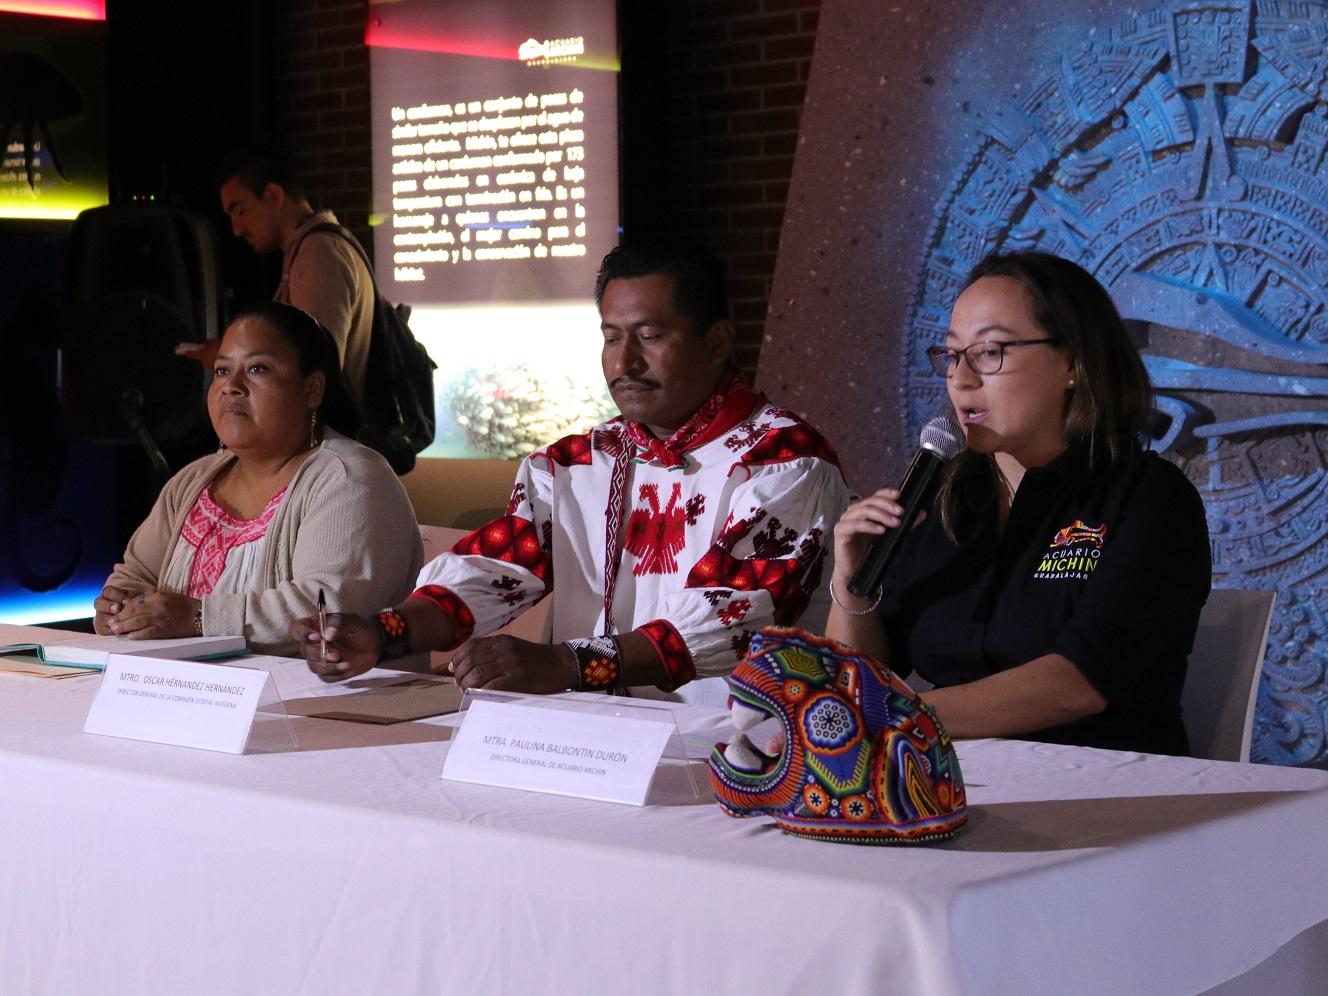 Acuario Michin Guadalajara y la Comisión Estatal Indígena firmaron convenio a favor de la educación y la cultura.